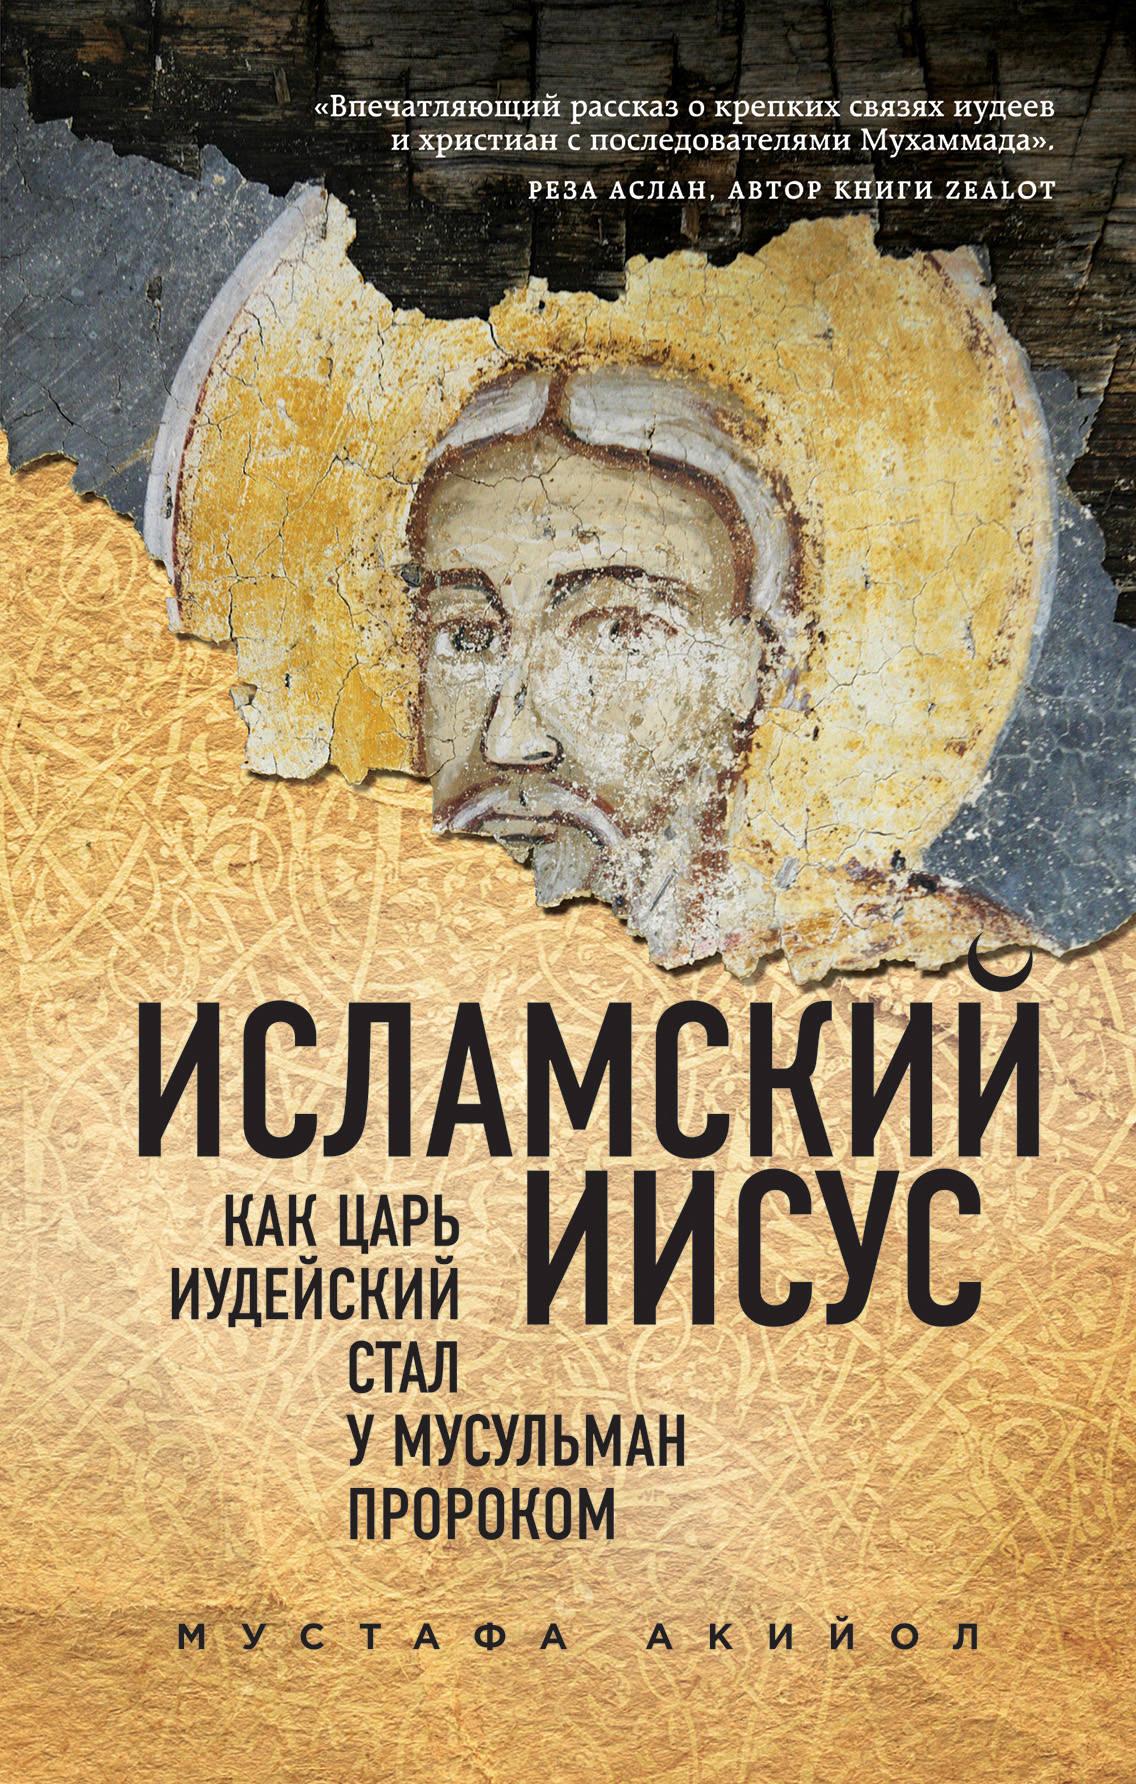 Мустафа Акийол Исламский Иисус. Как Царь Иудейский стал у мусульман пророком